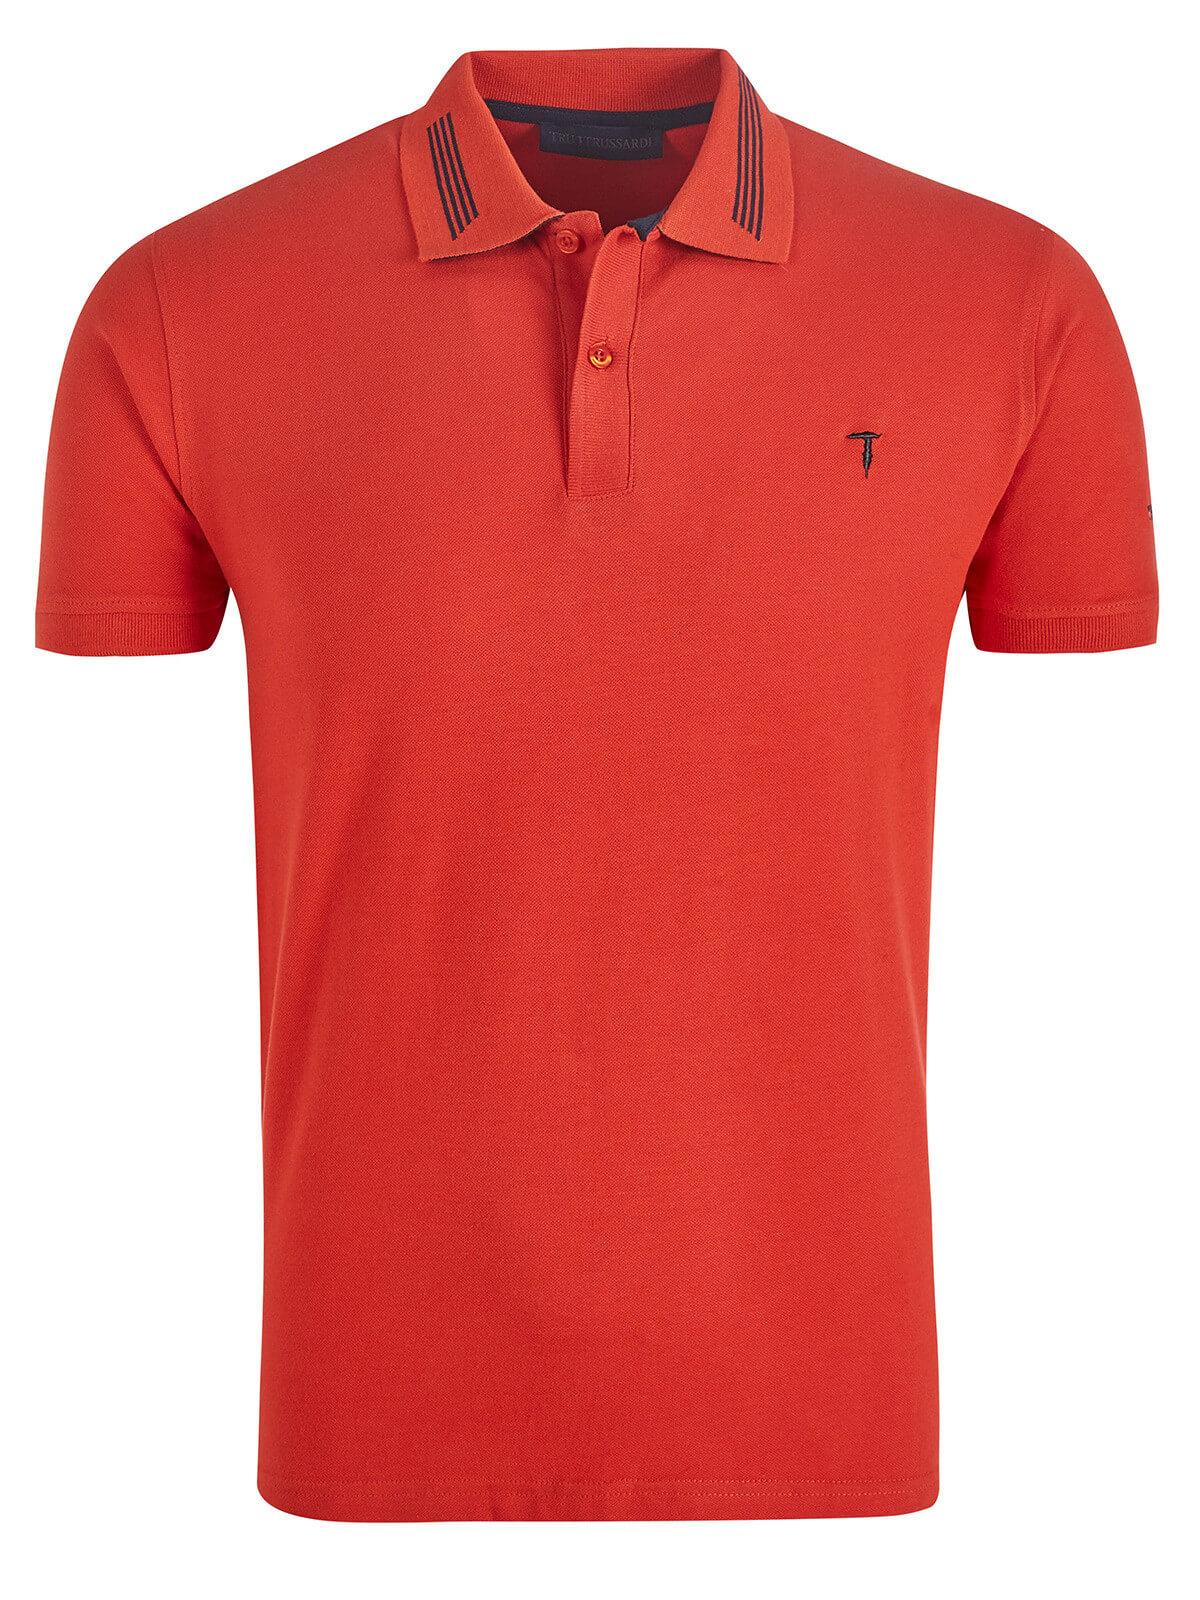 acfe8ad388b1 Trussardi Poloshirt red   Fashionesta online shop